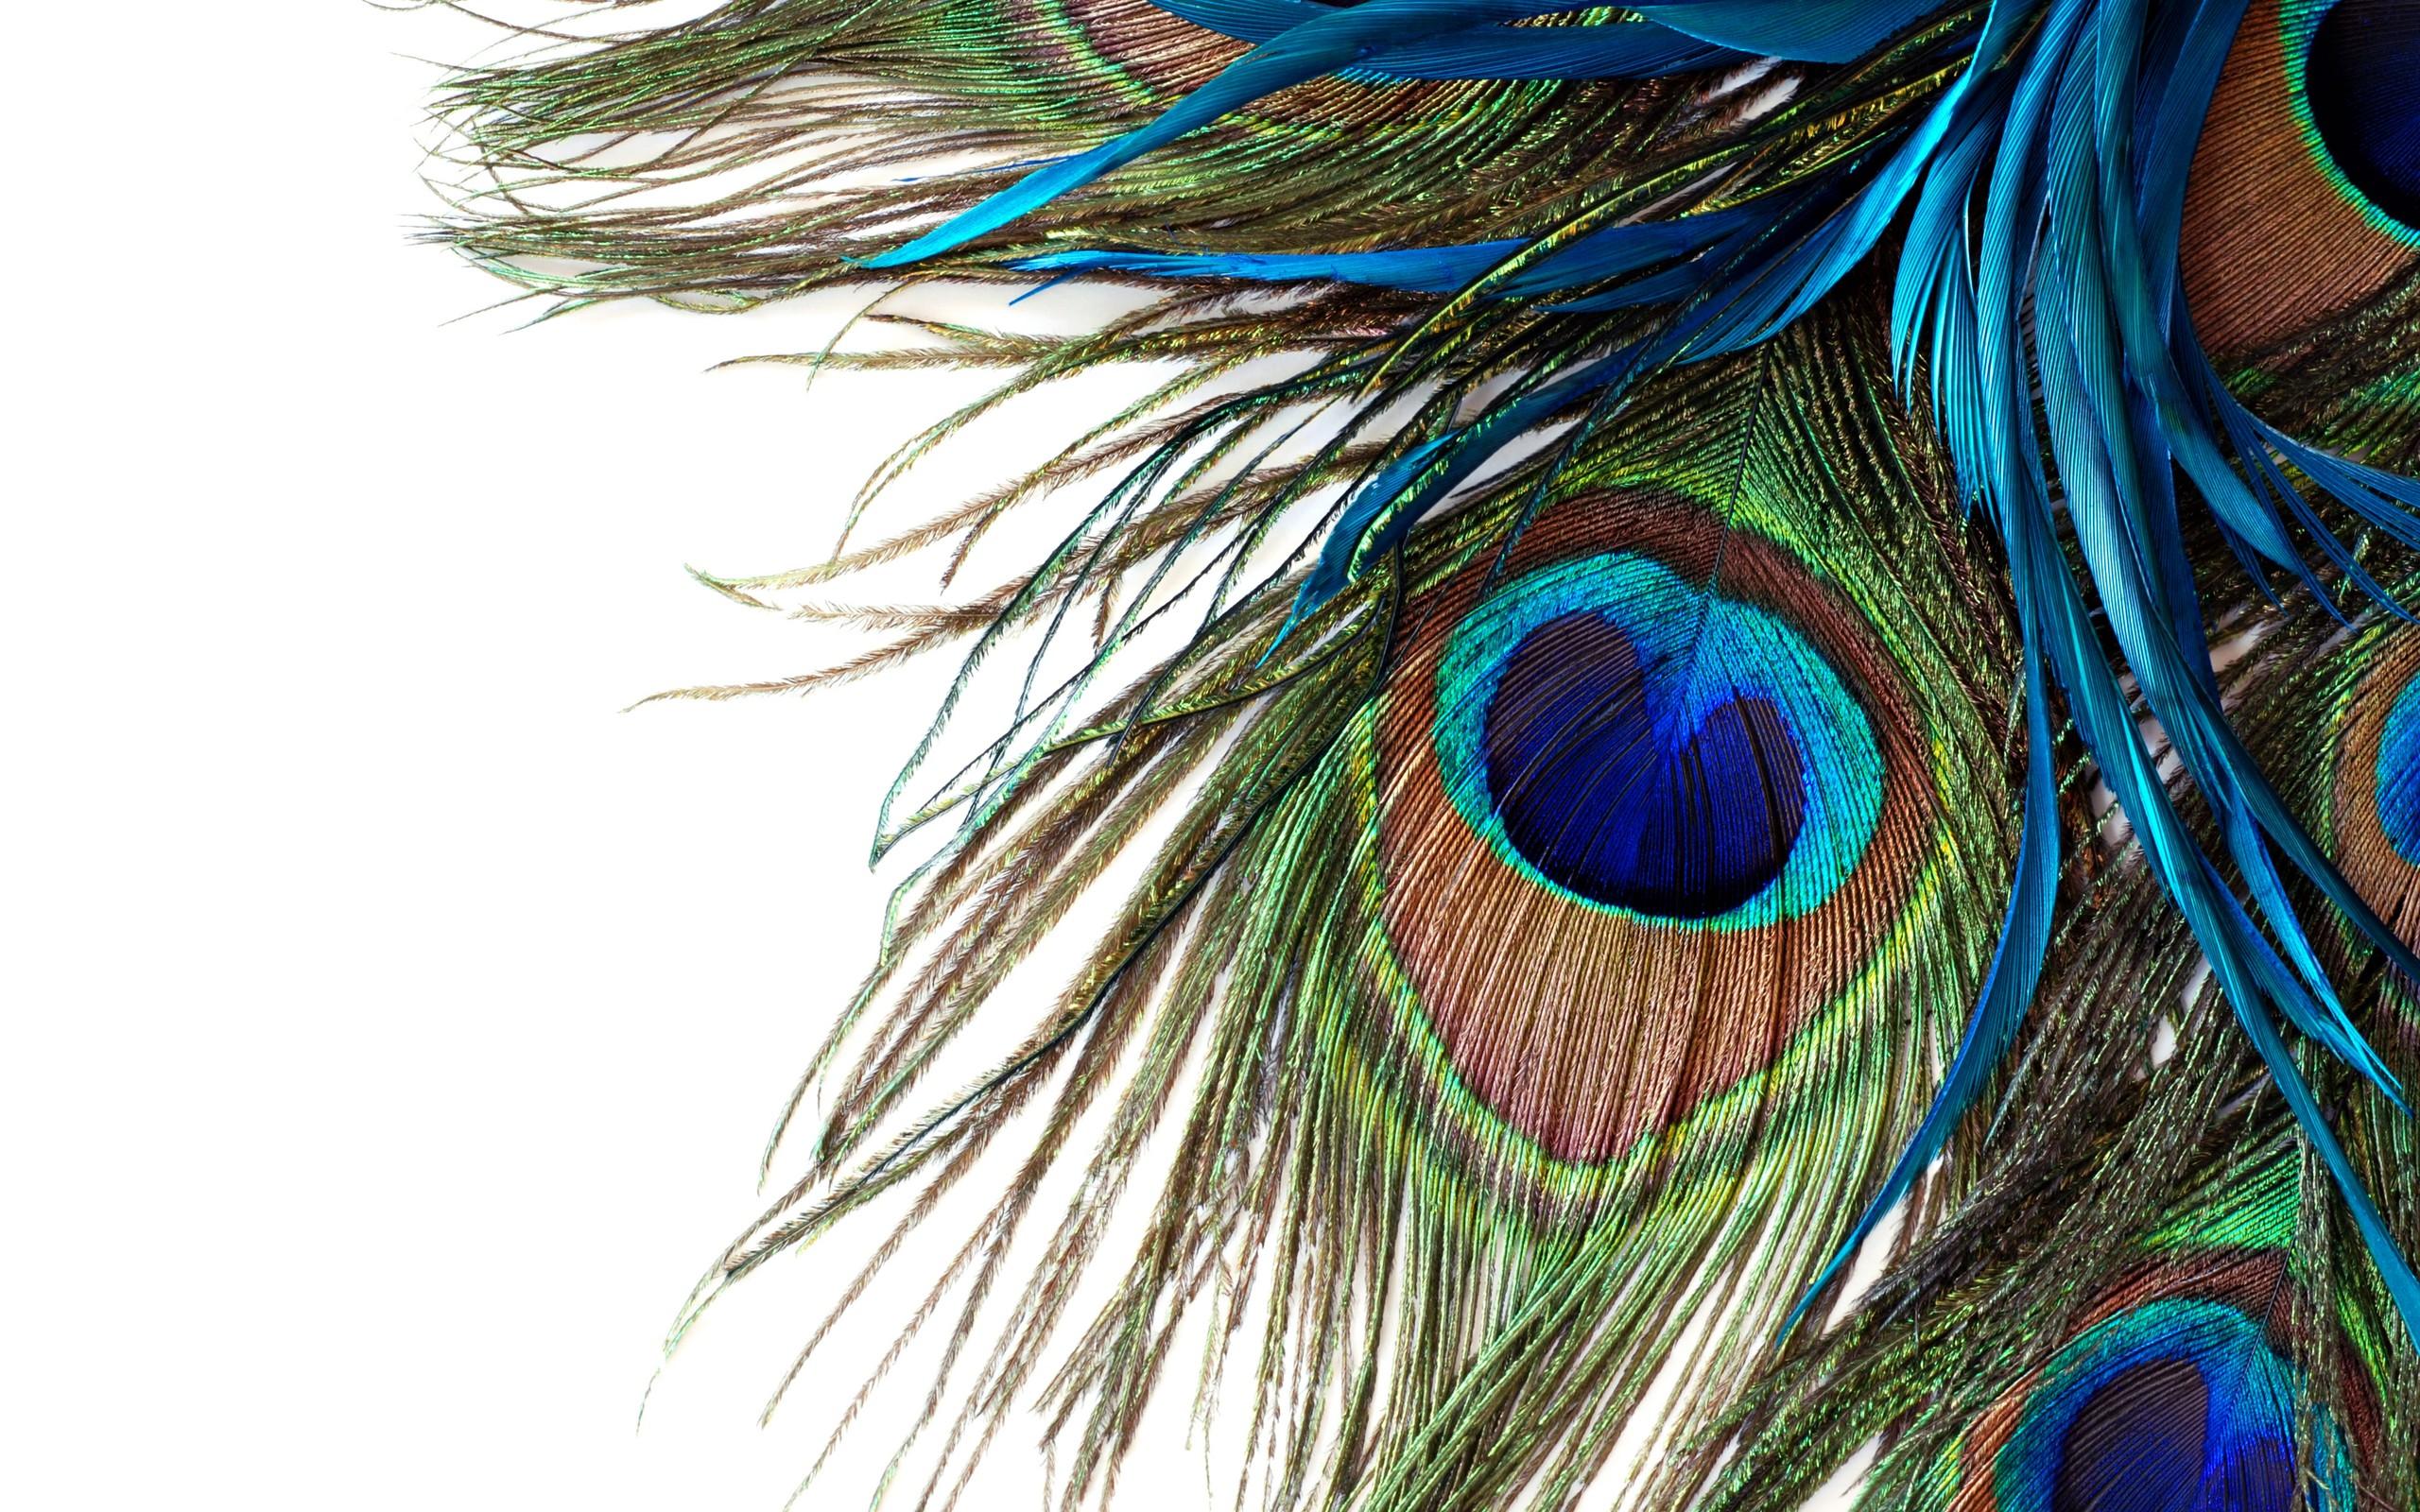 Peacock Feather Desktop Wallpaper [50+] Peacock F...